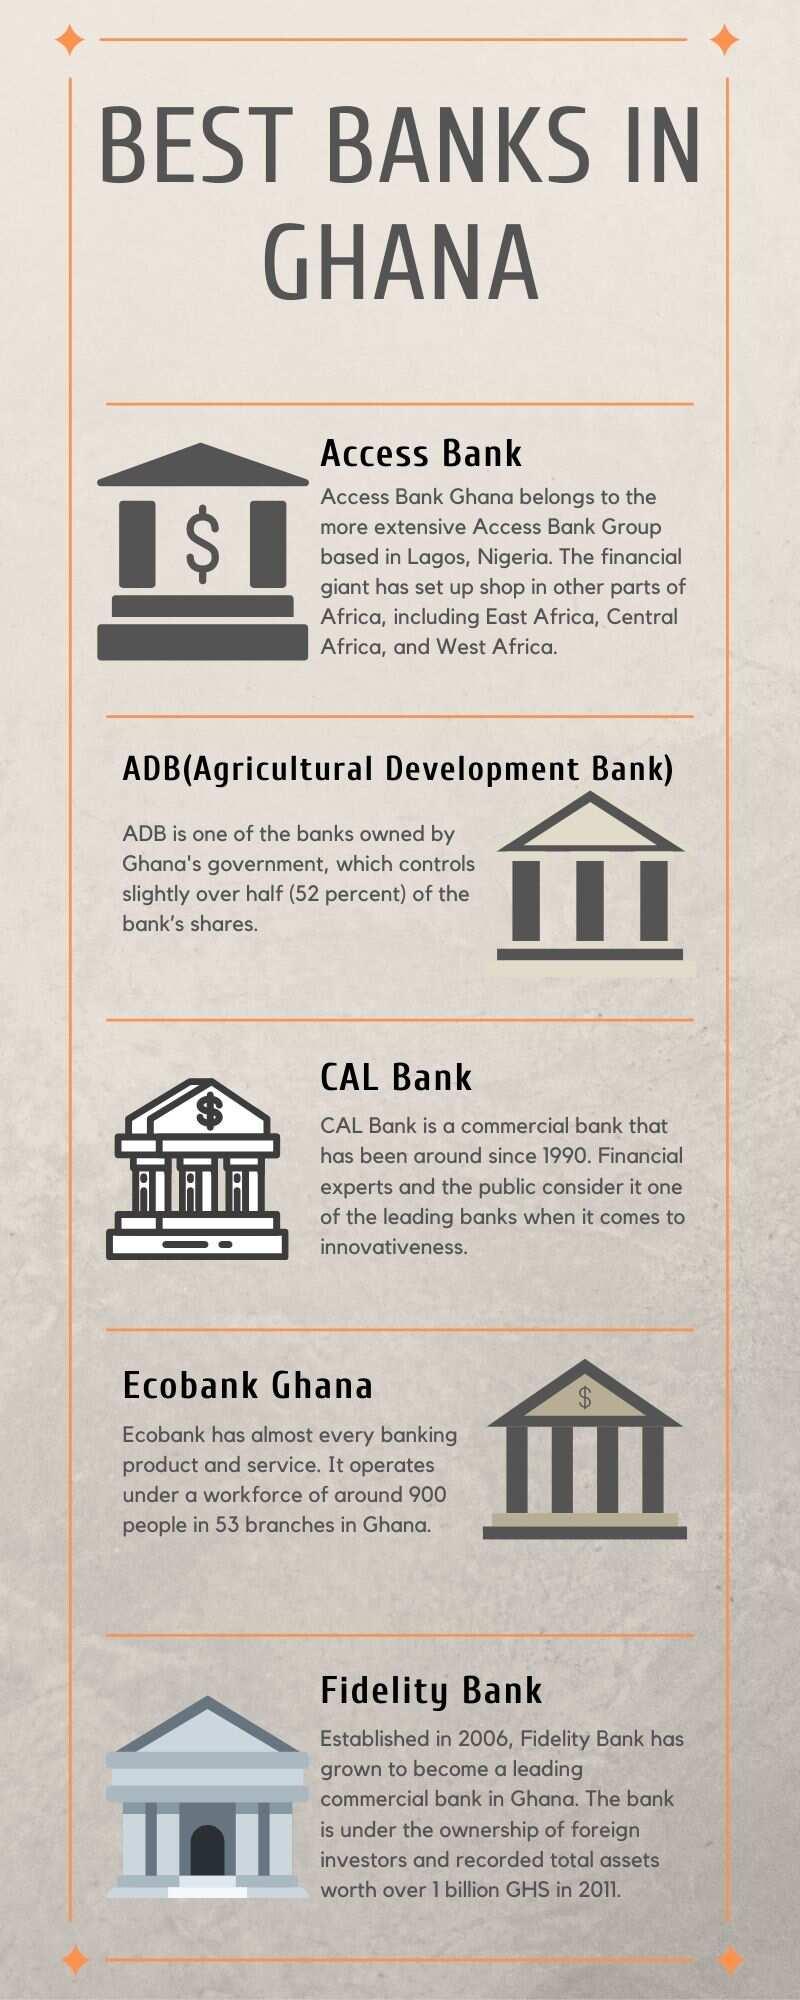 Best banks in Ghana